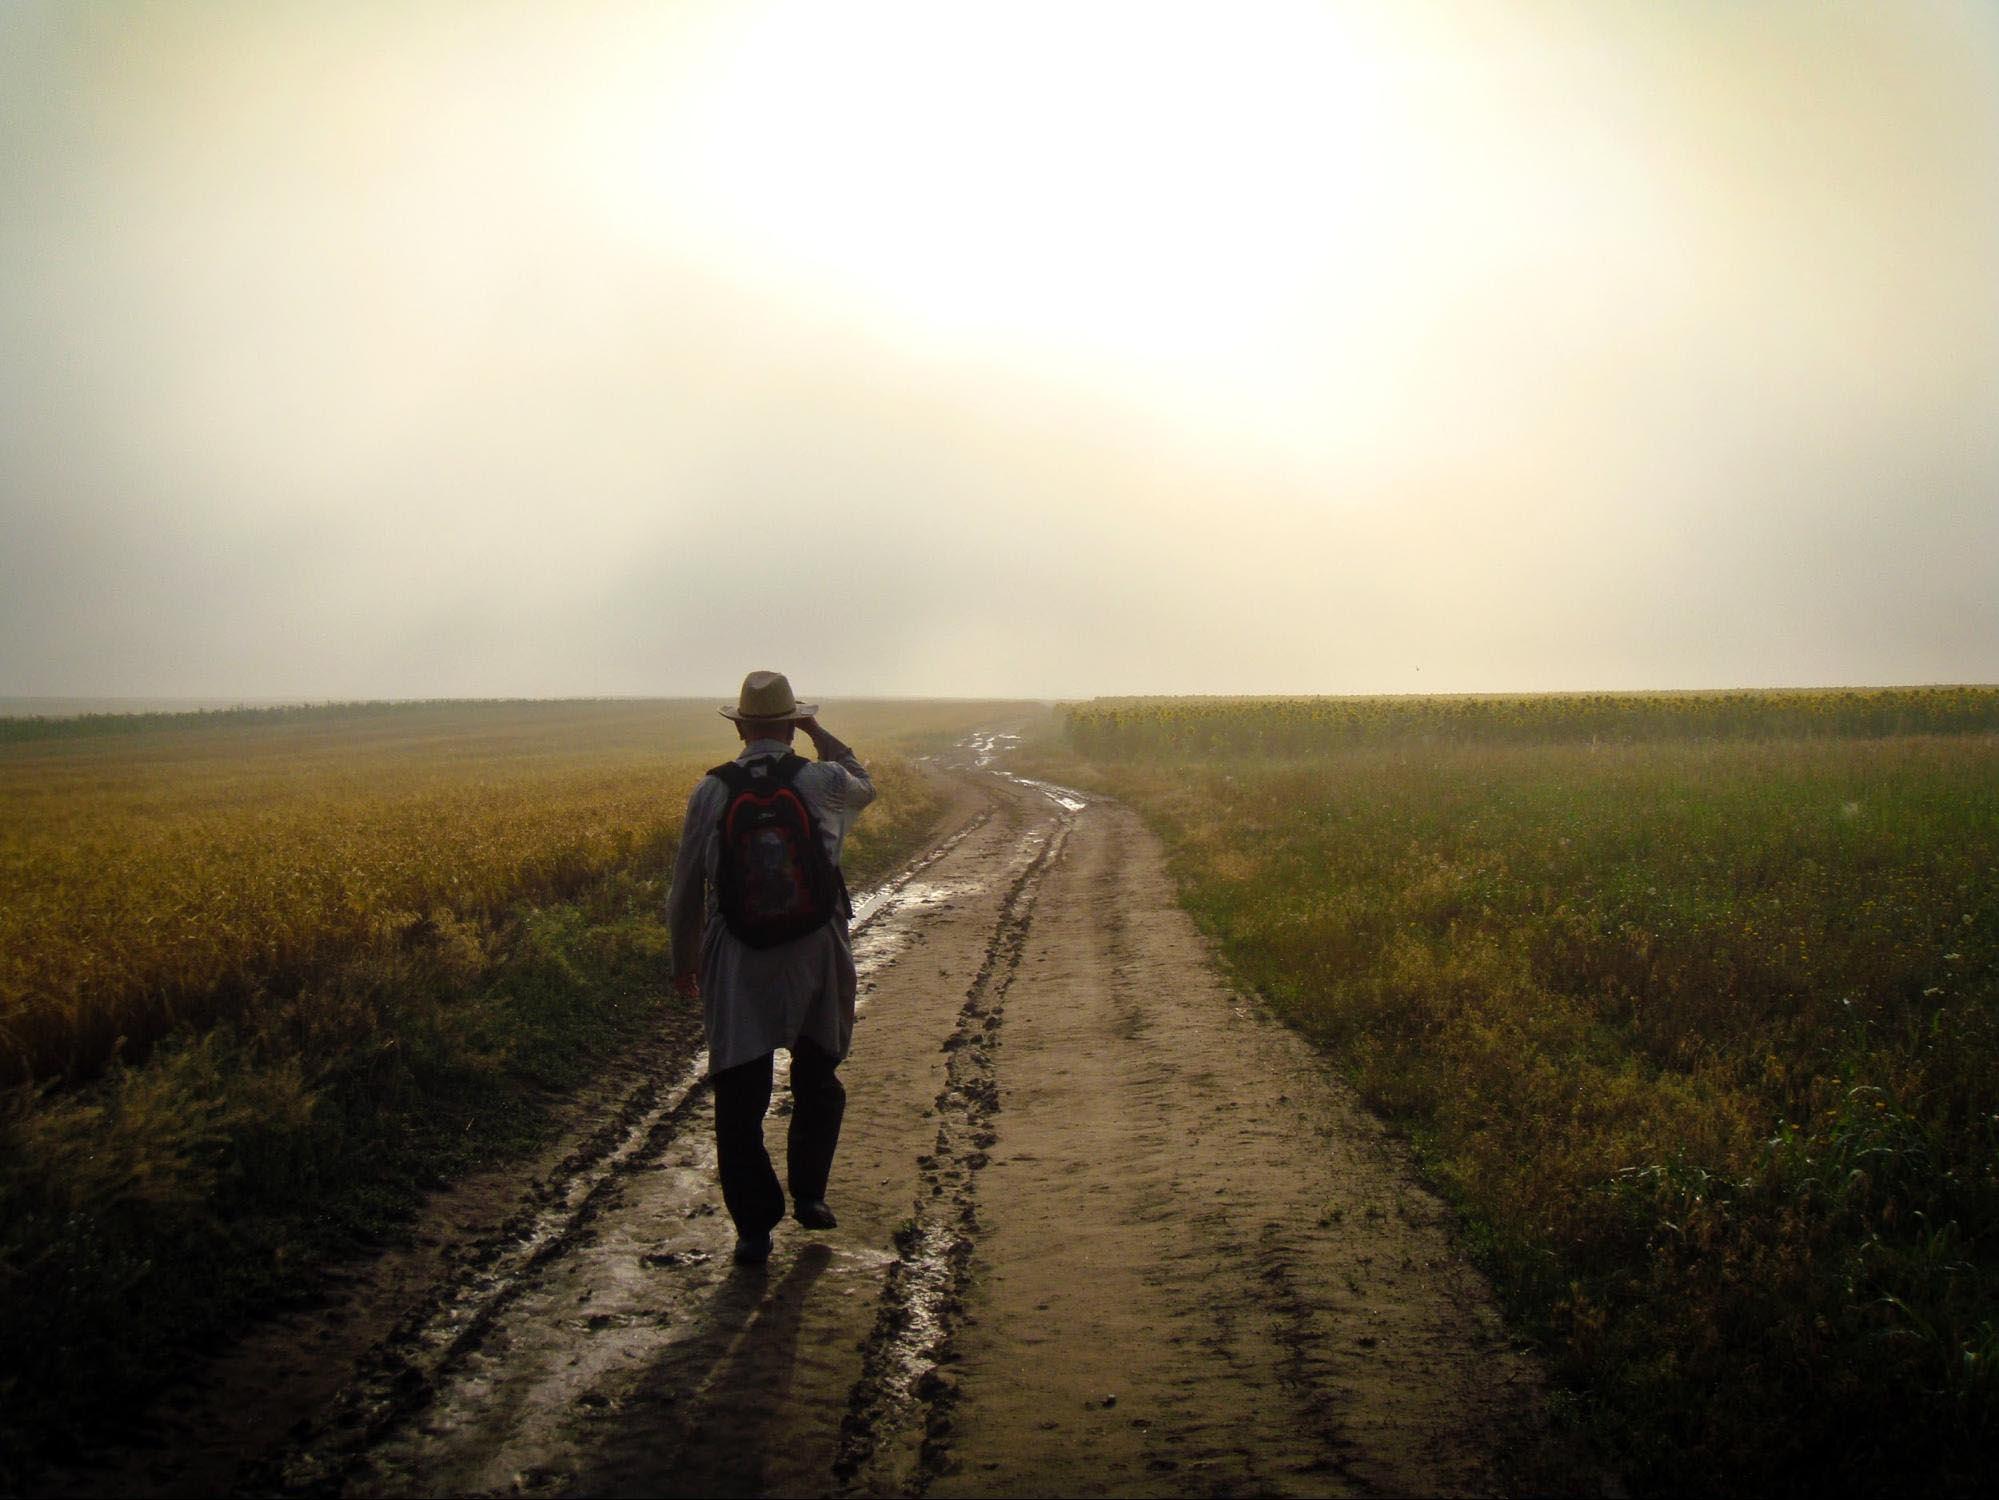 Man walks down dirt road